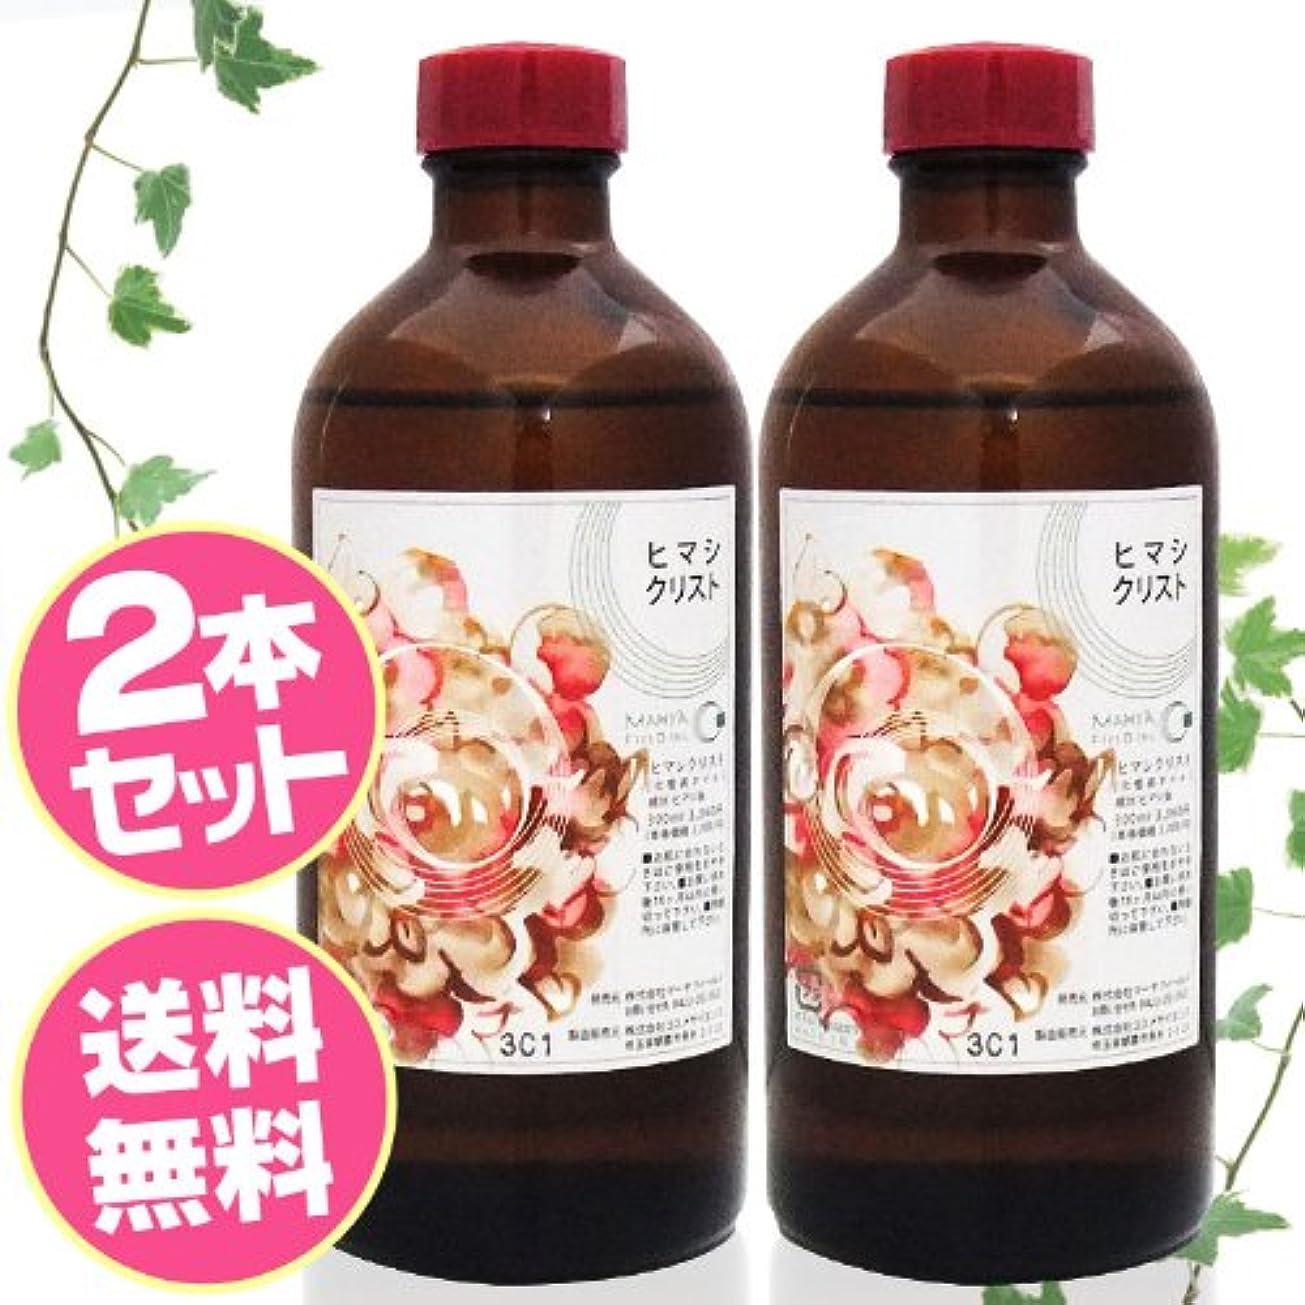 ジェーンオースティン病なテラスヒマシクリスト [2本セット] (ヒマシ油パック用のひまし油)